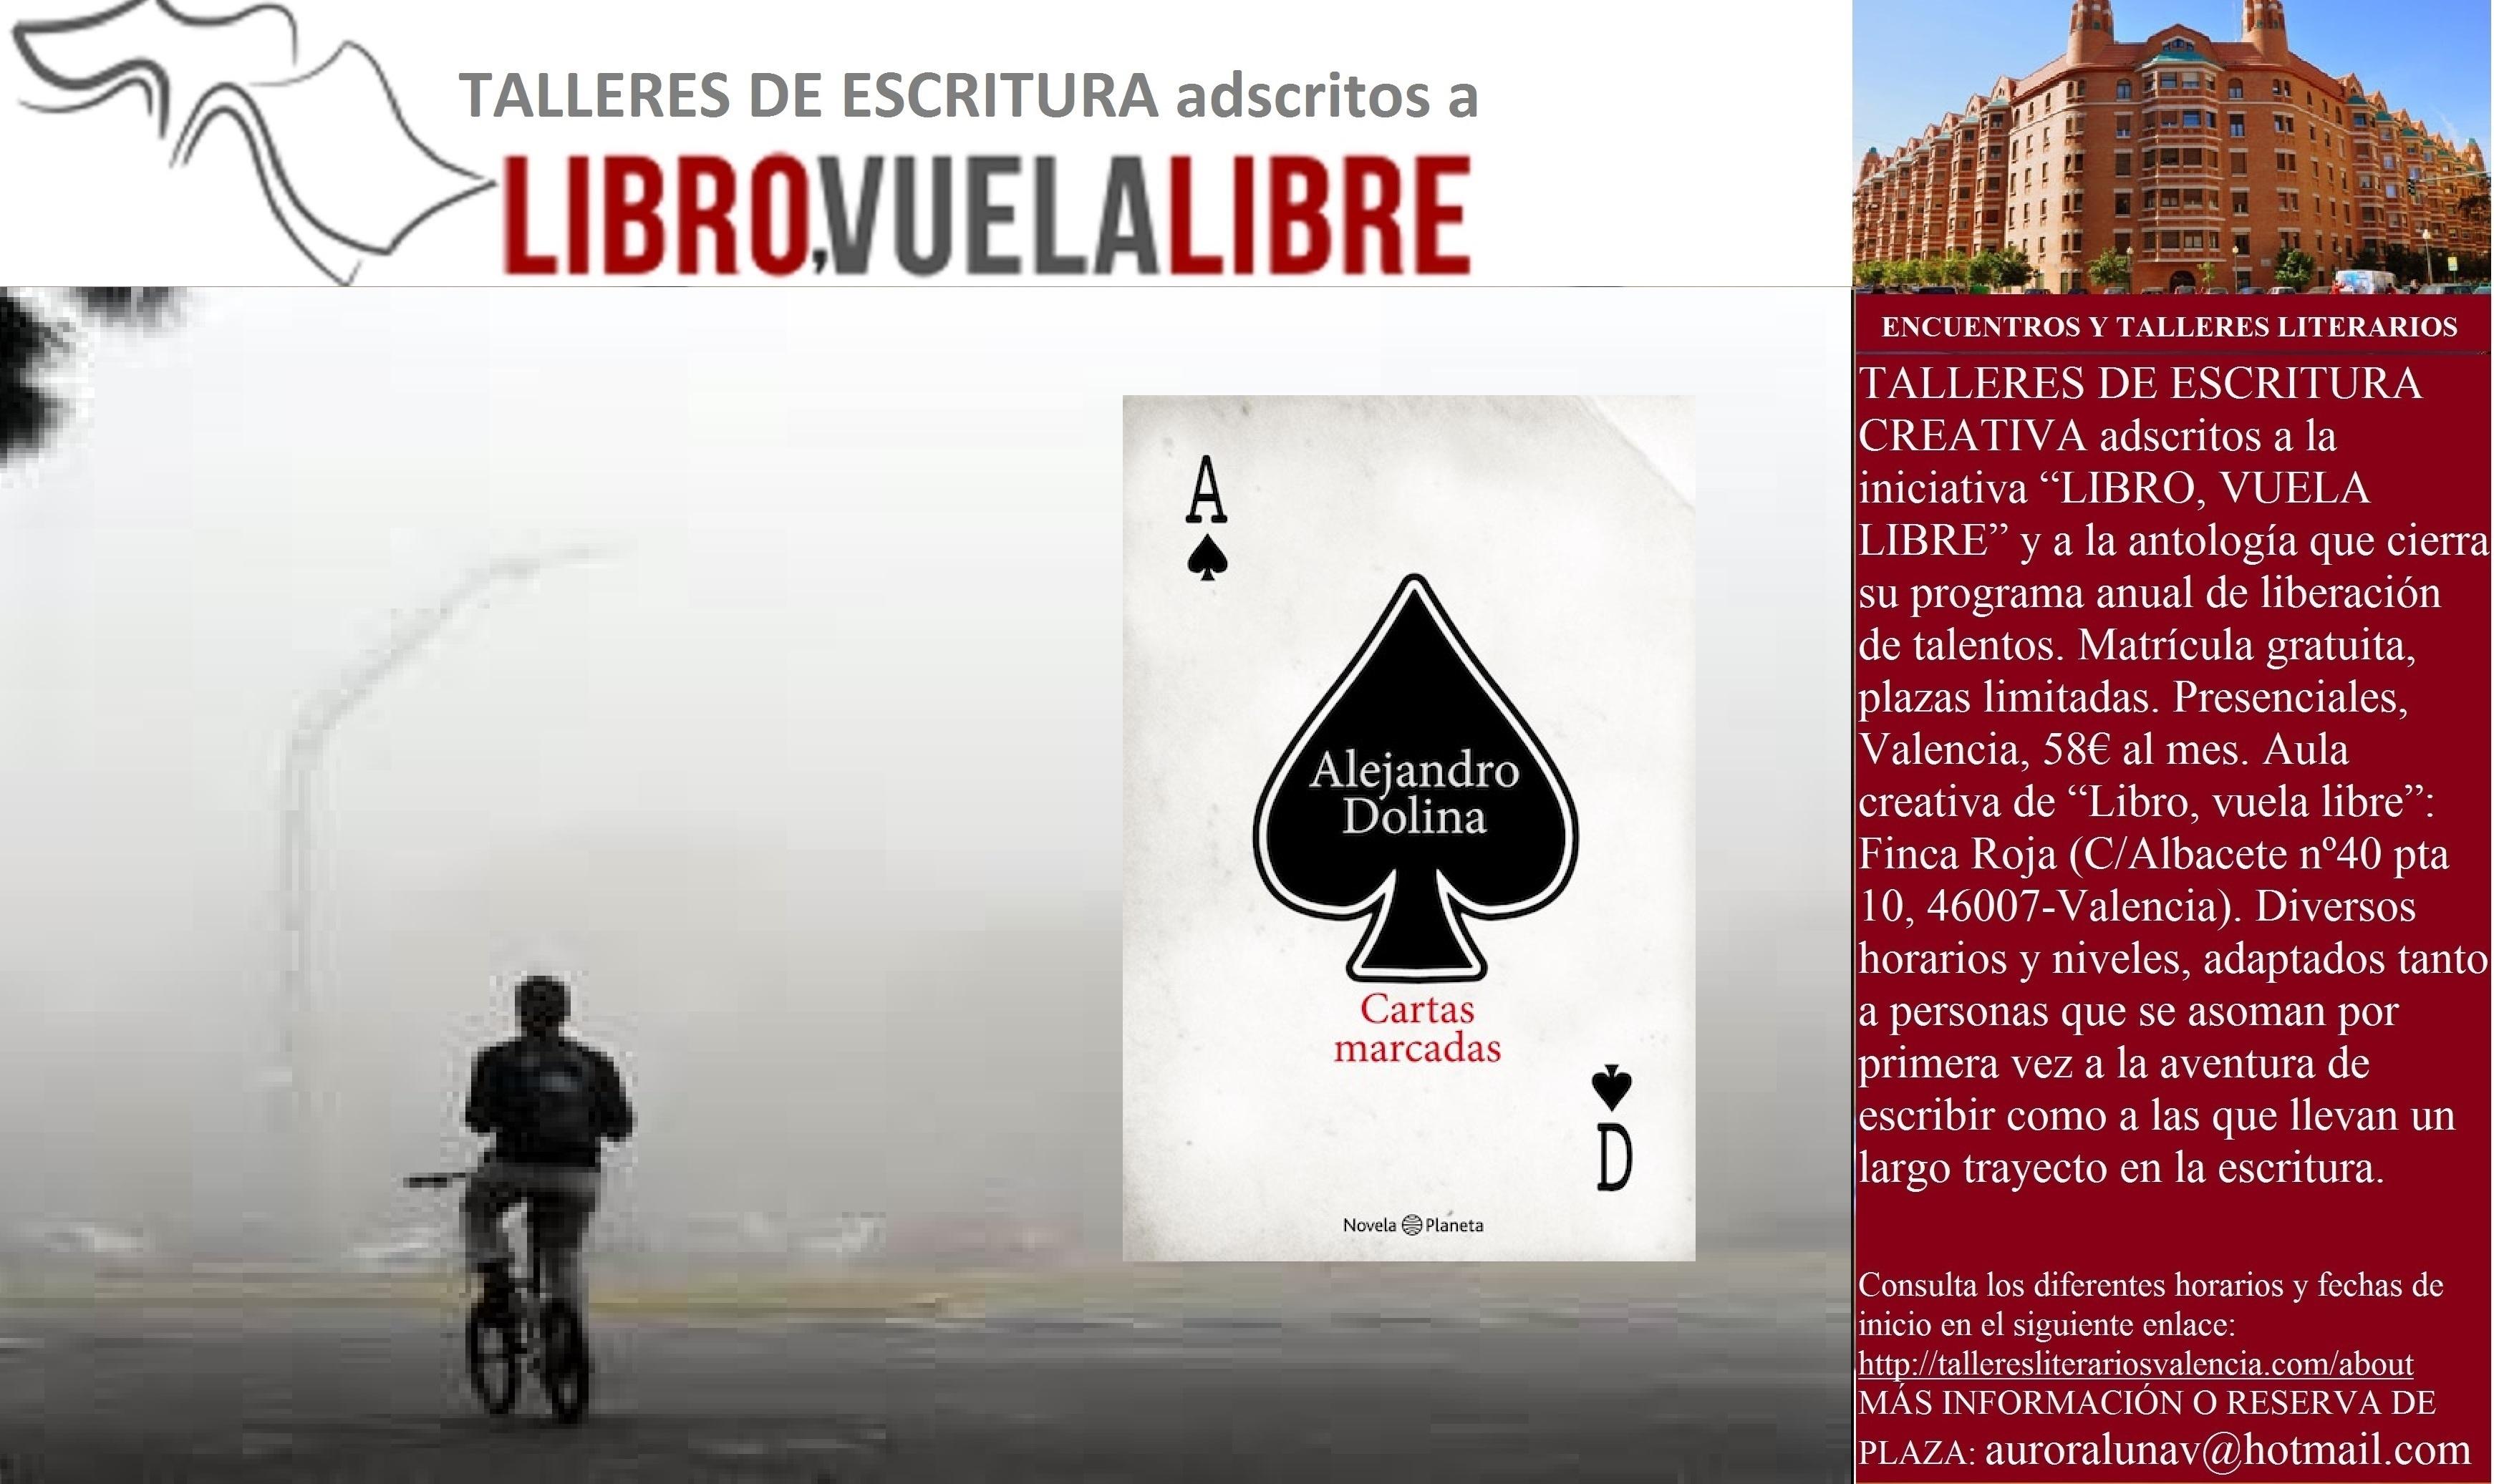 INFLUENCIAS BORGEANAS. Cursos presenciales en Valencia de LIBRO, VUELA LIBRE. Clave D-16